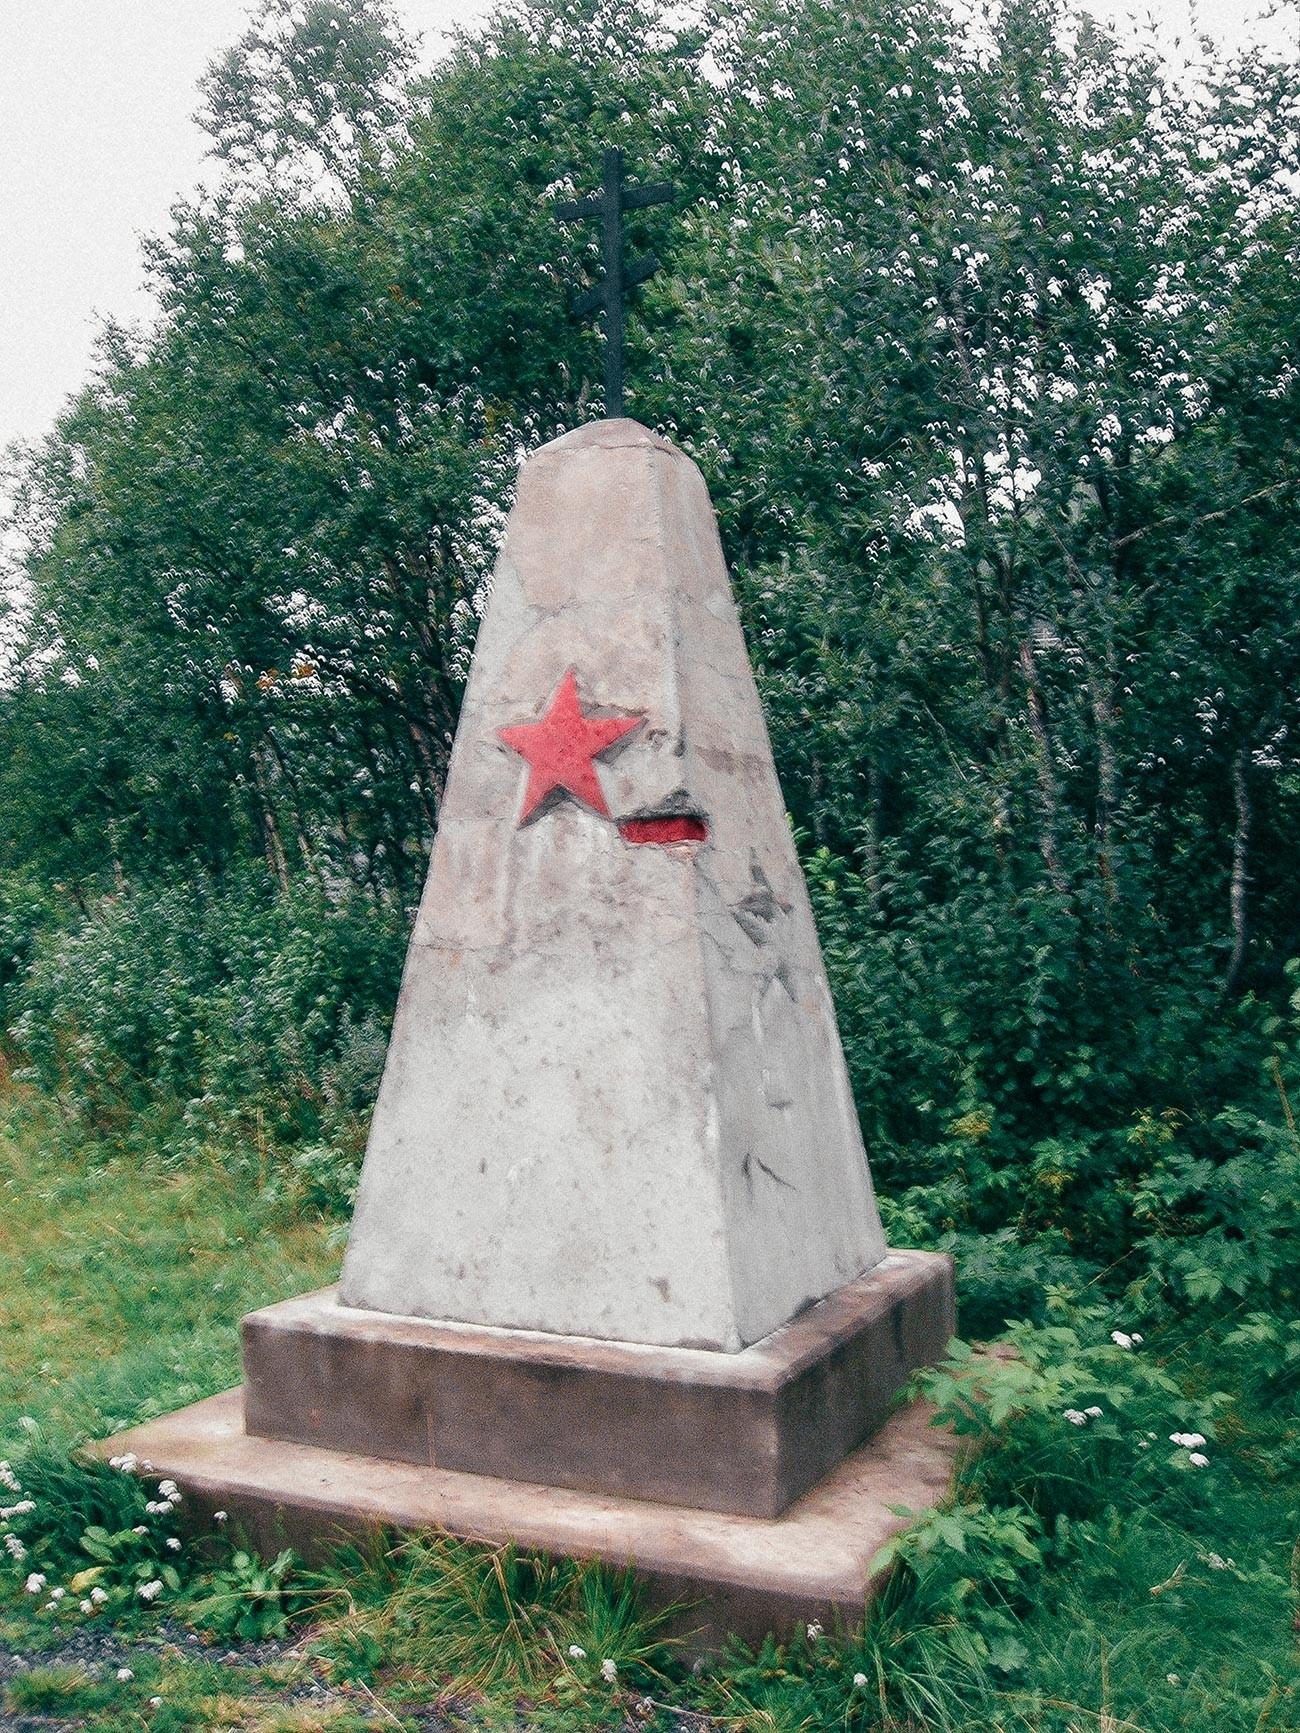 Monument aux cinq mille prisonniers de guerre soviétiques décédés lors de la construction du chemin de fer dans le comté de Nordland, en Norvège